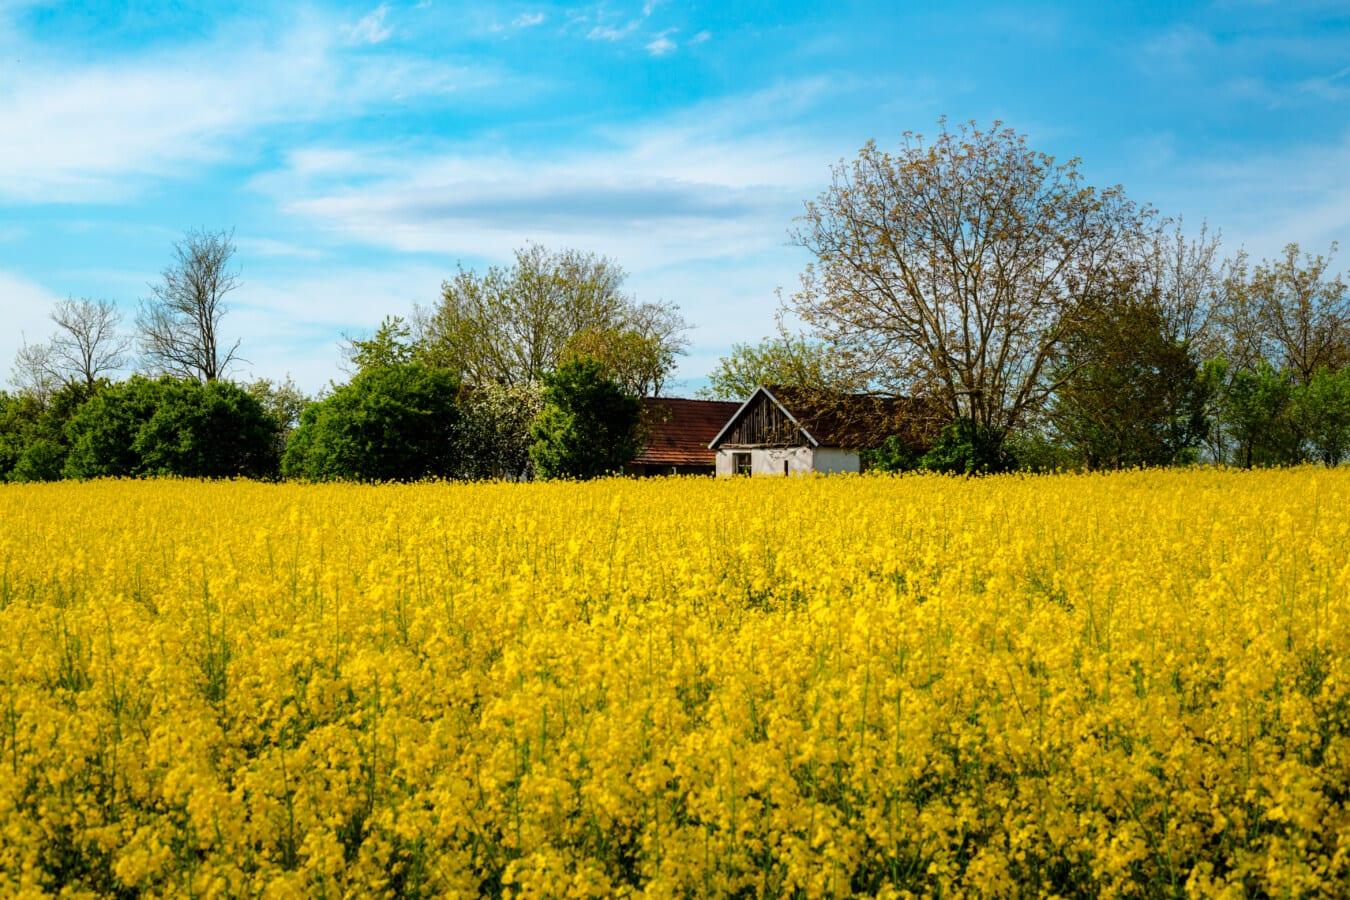 zemědělská půda, zemědělská usedlost, řepky, krajina, zemědělství, venkova, pole, semeno, farma, příroda